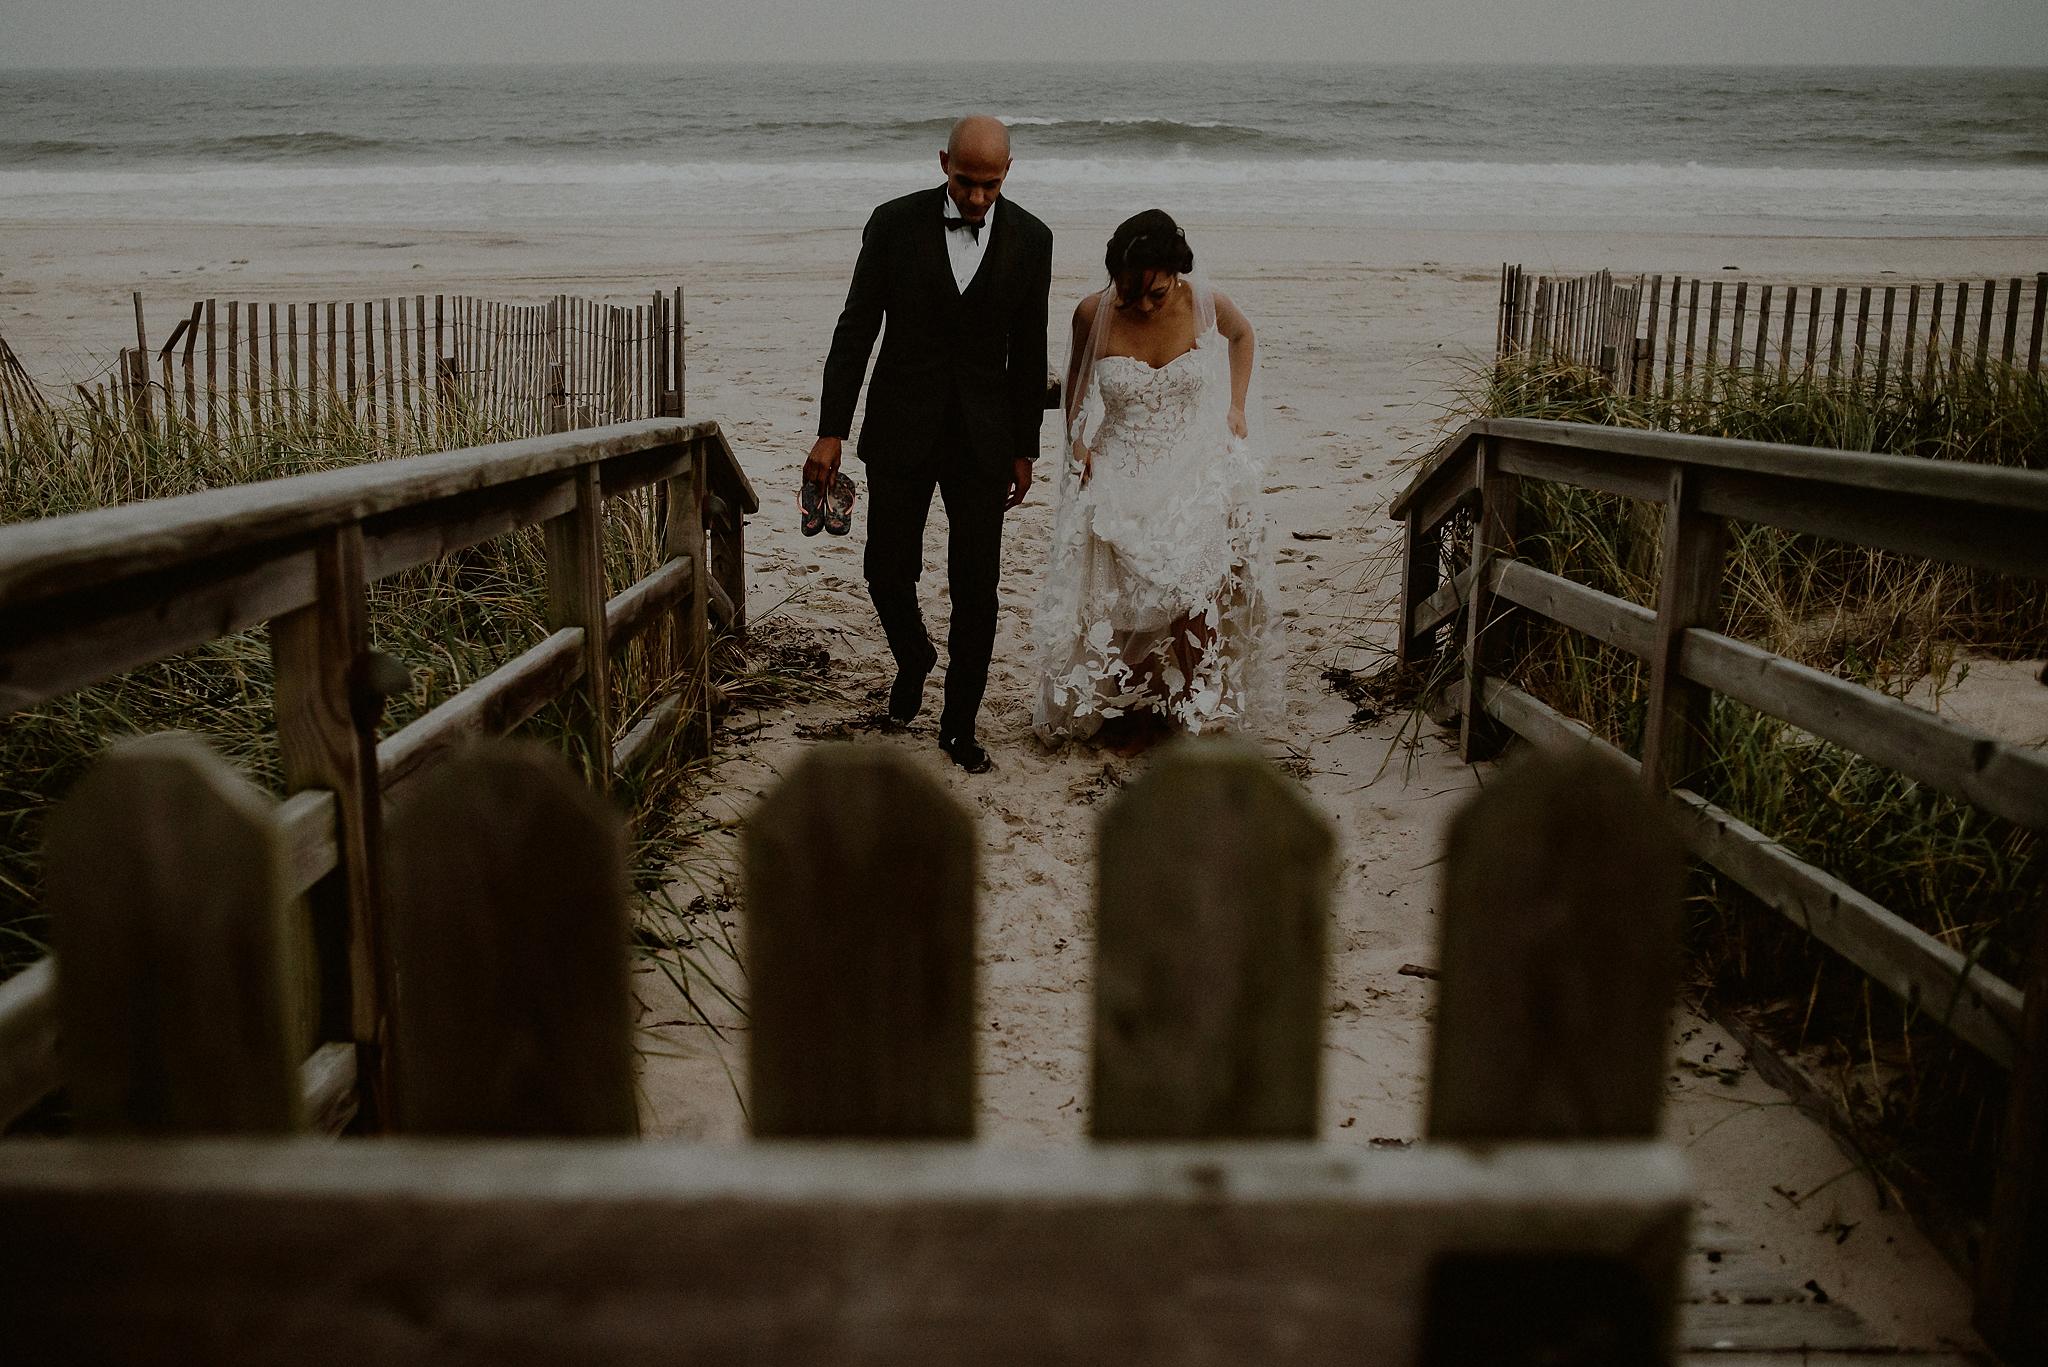 rainy beach wedding photos